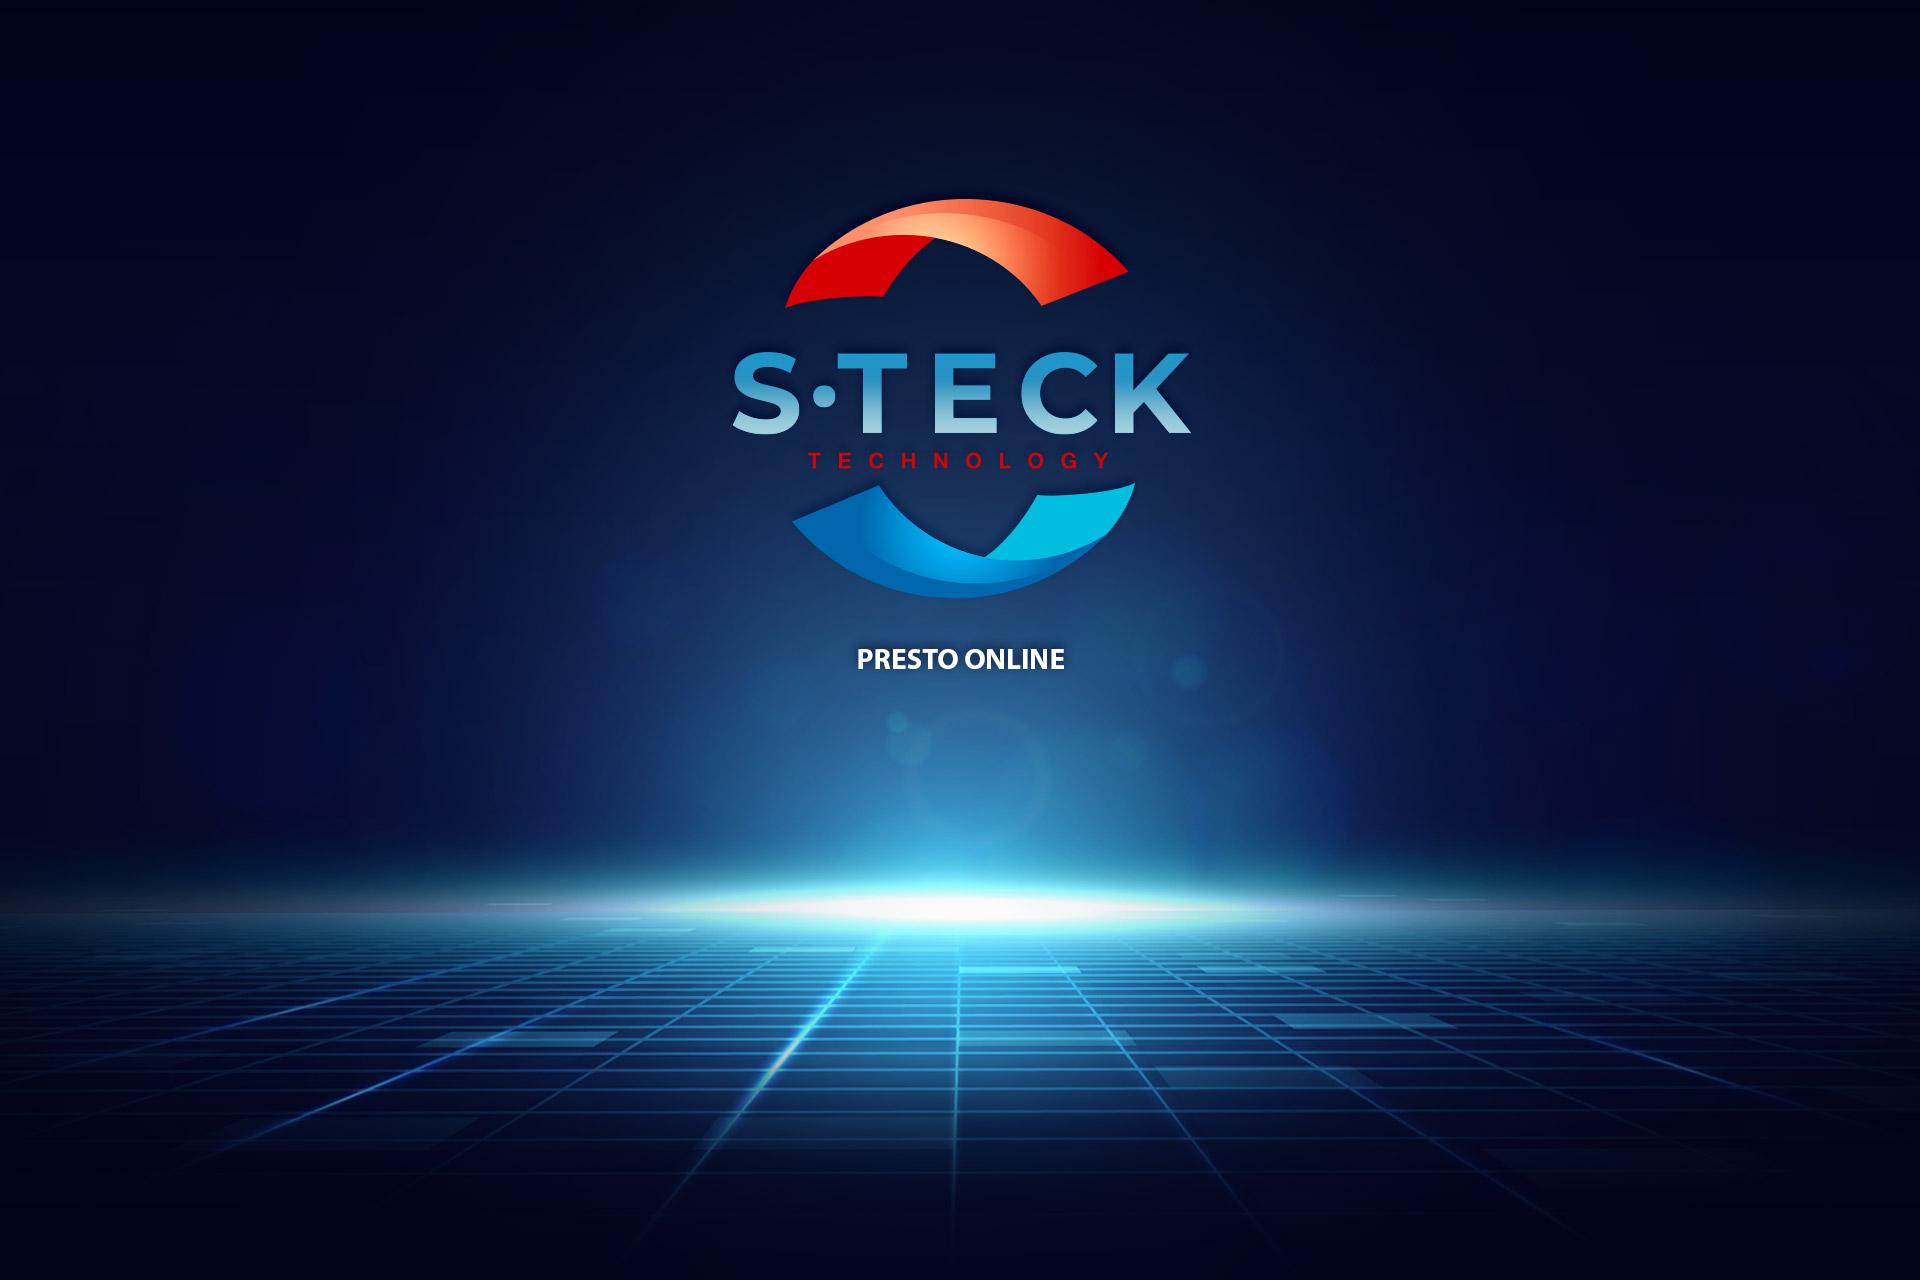 s.teck